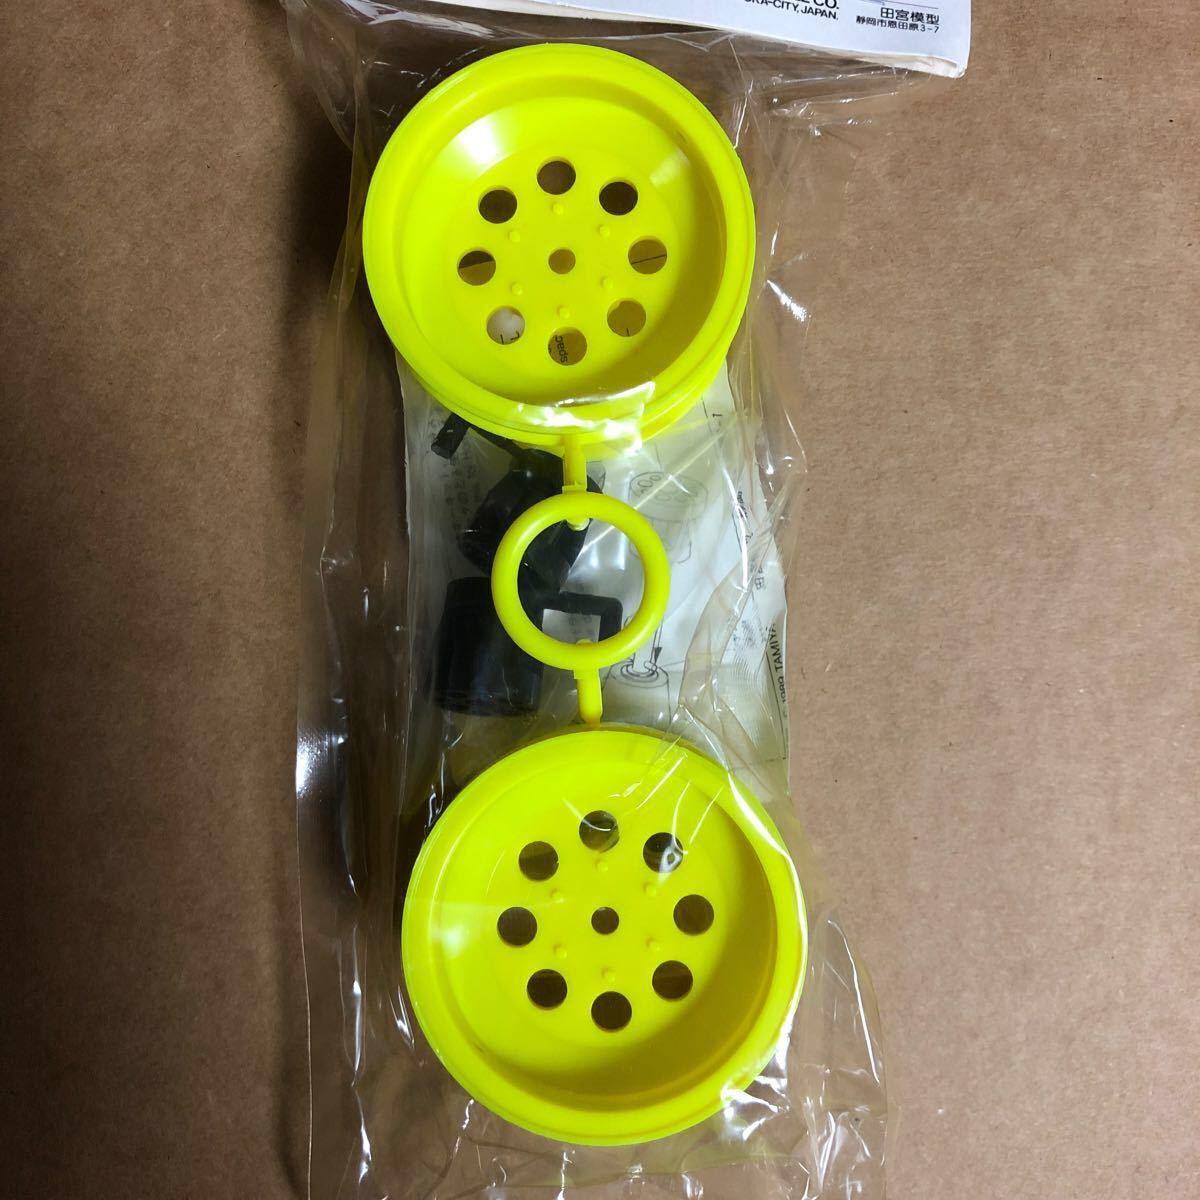 タミヤRC 蛍光カラーホイール(黄)2駆フロント、リヤーセット